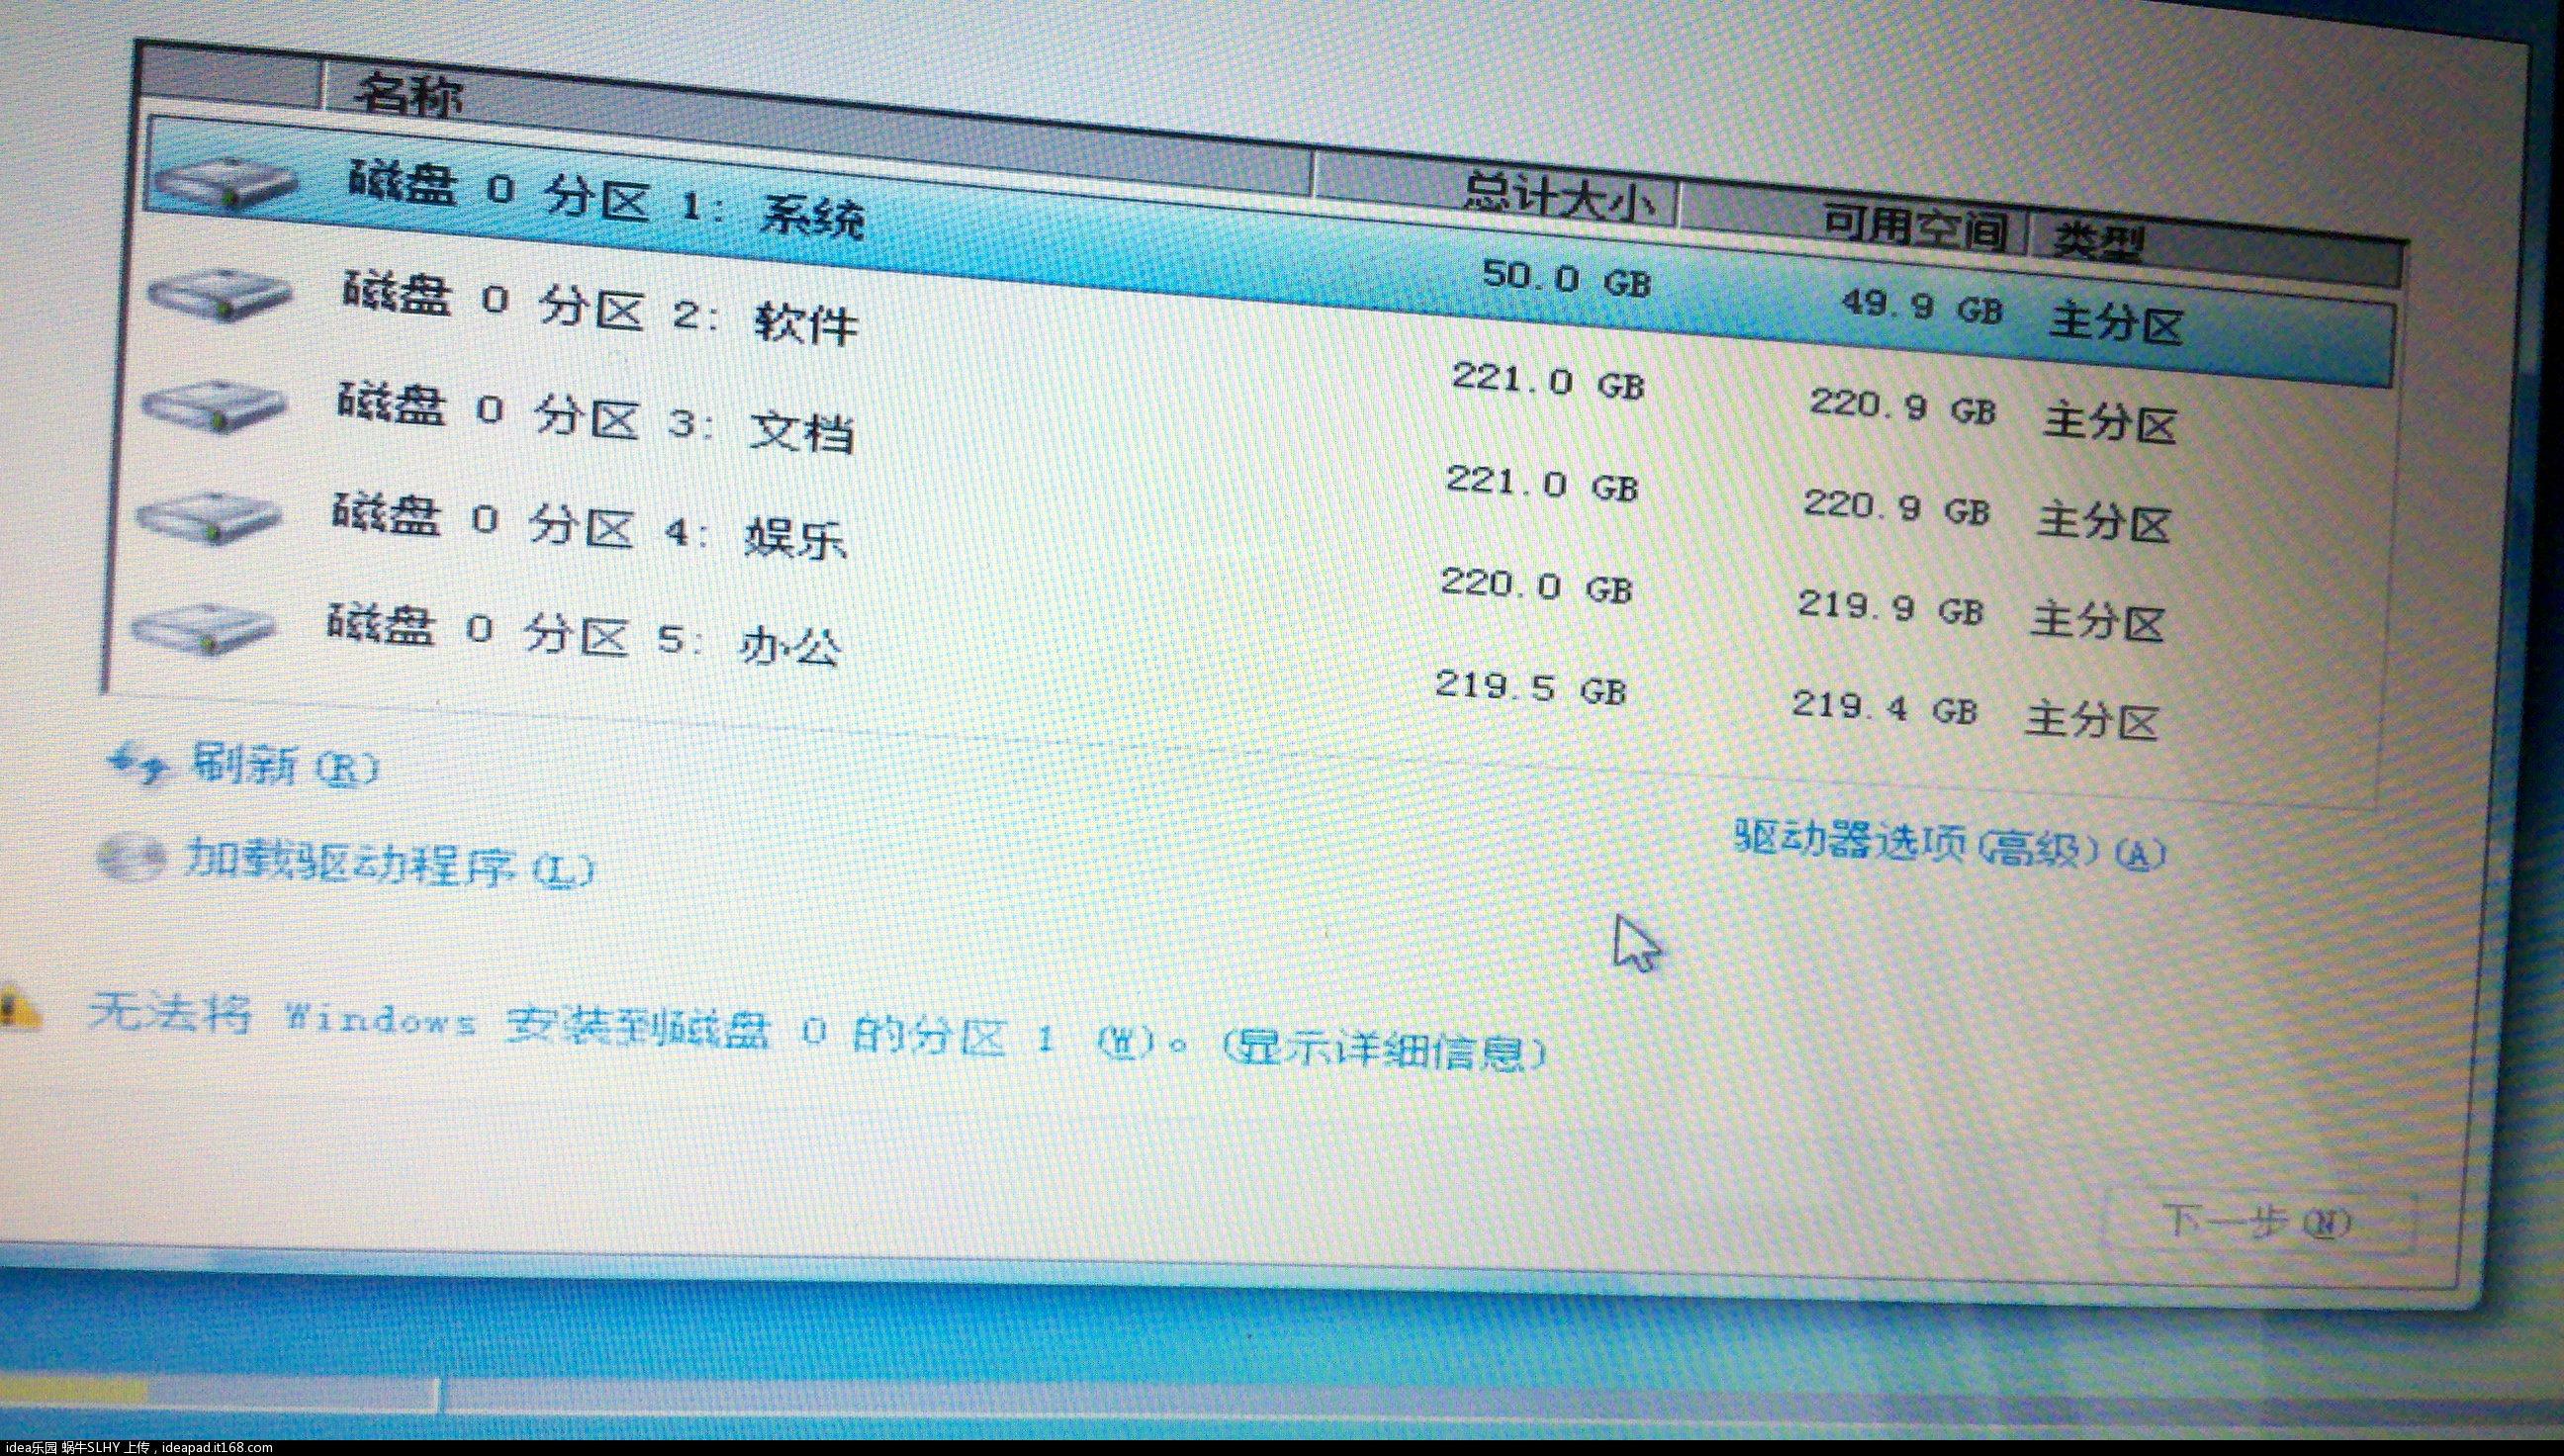 2013-01-01_15-03-22_289.jpg